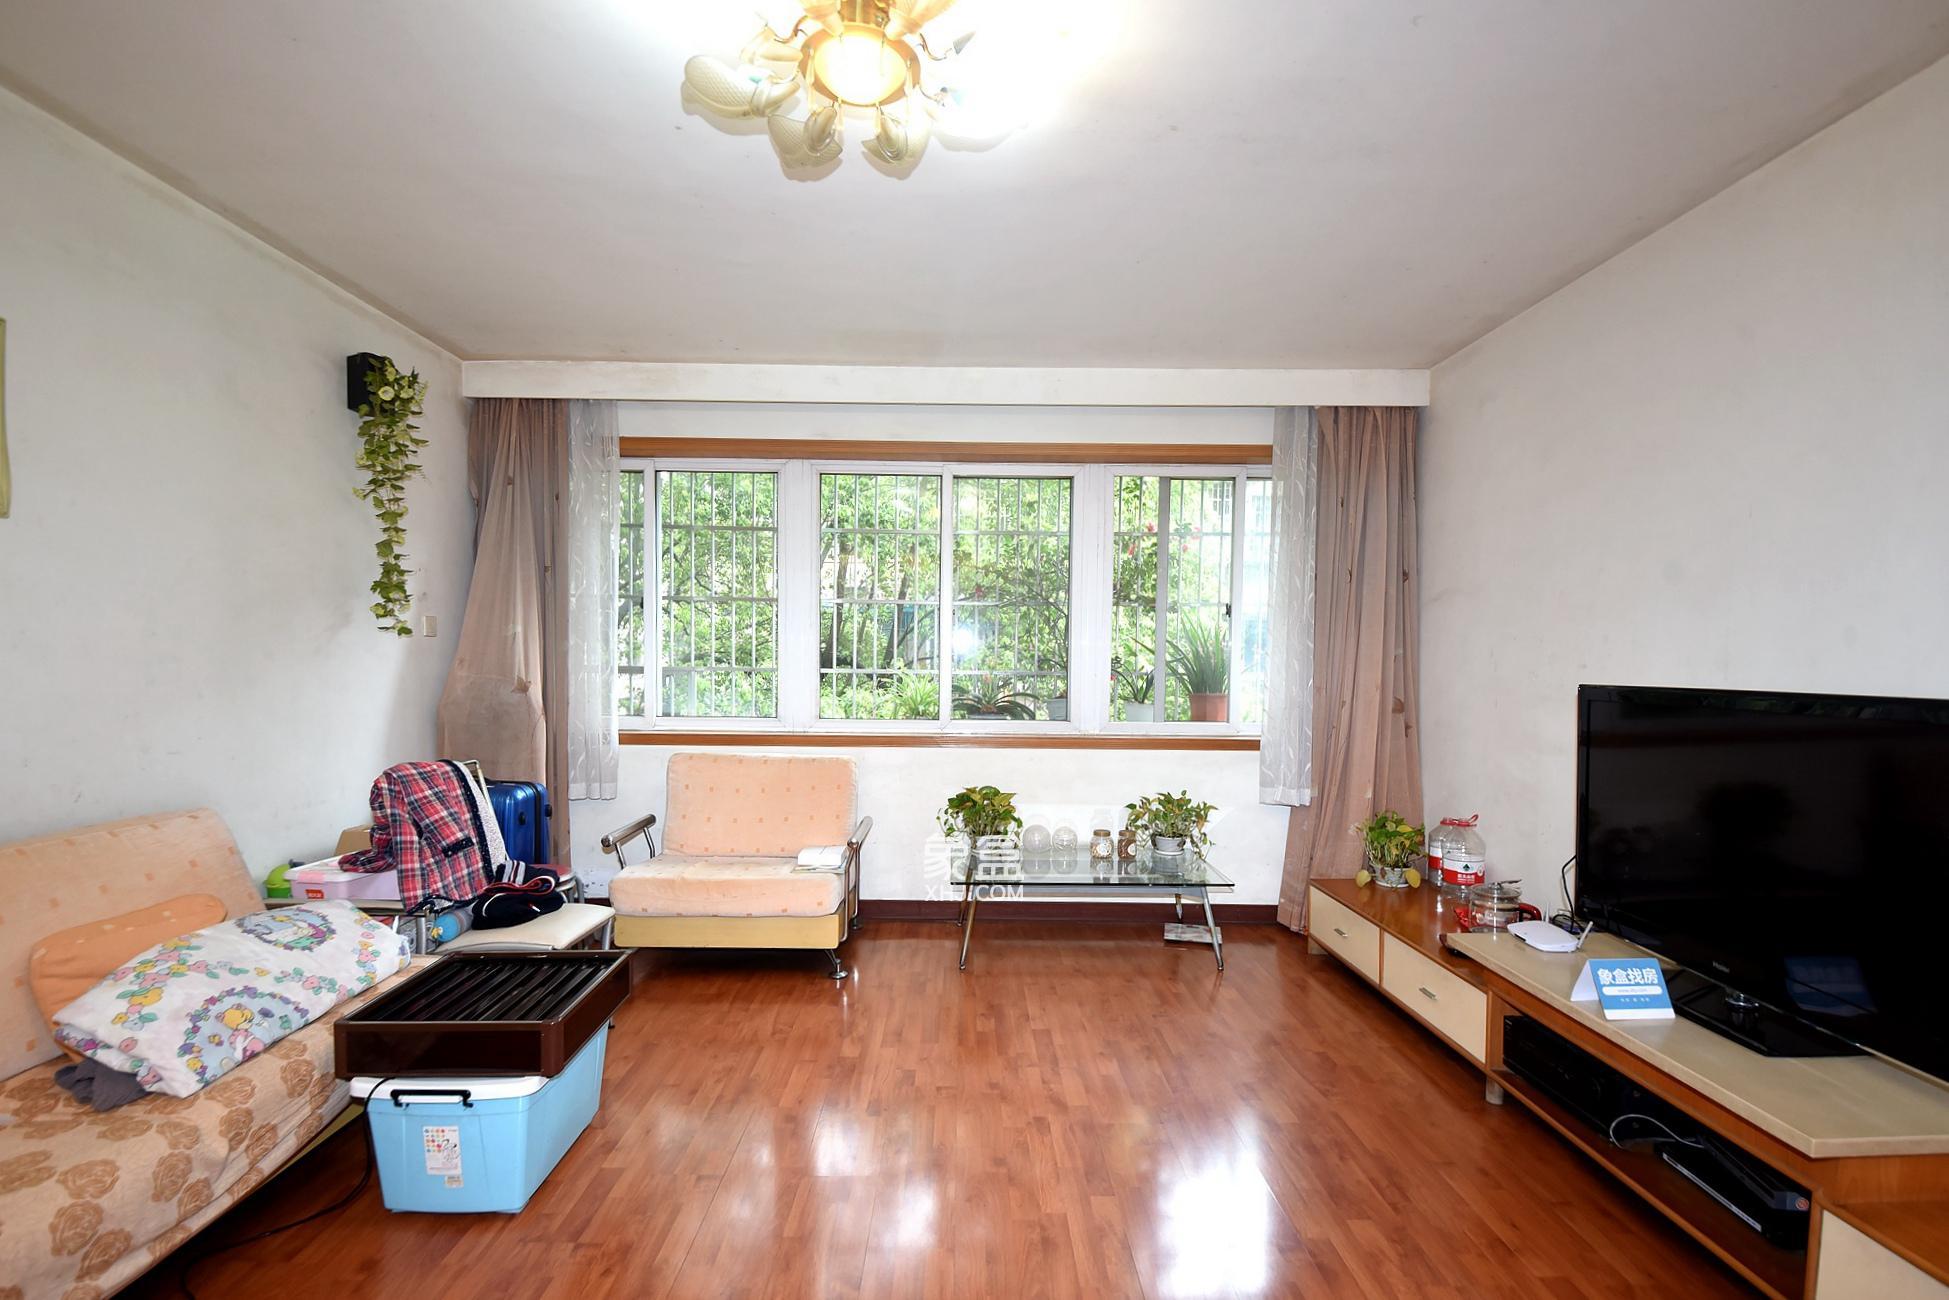 广济苑公寓 4室2厅2卫 178.0万